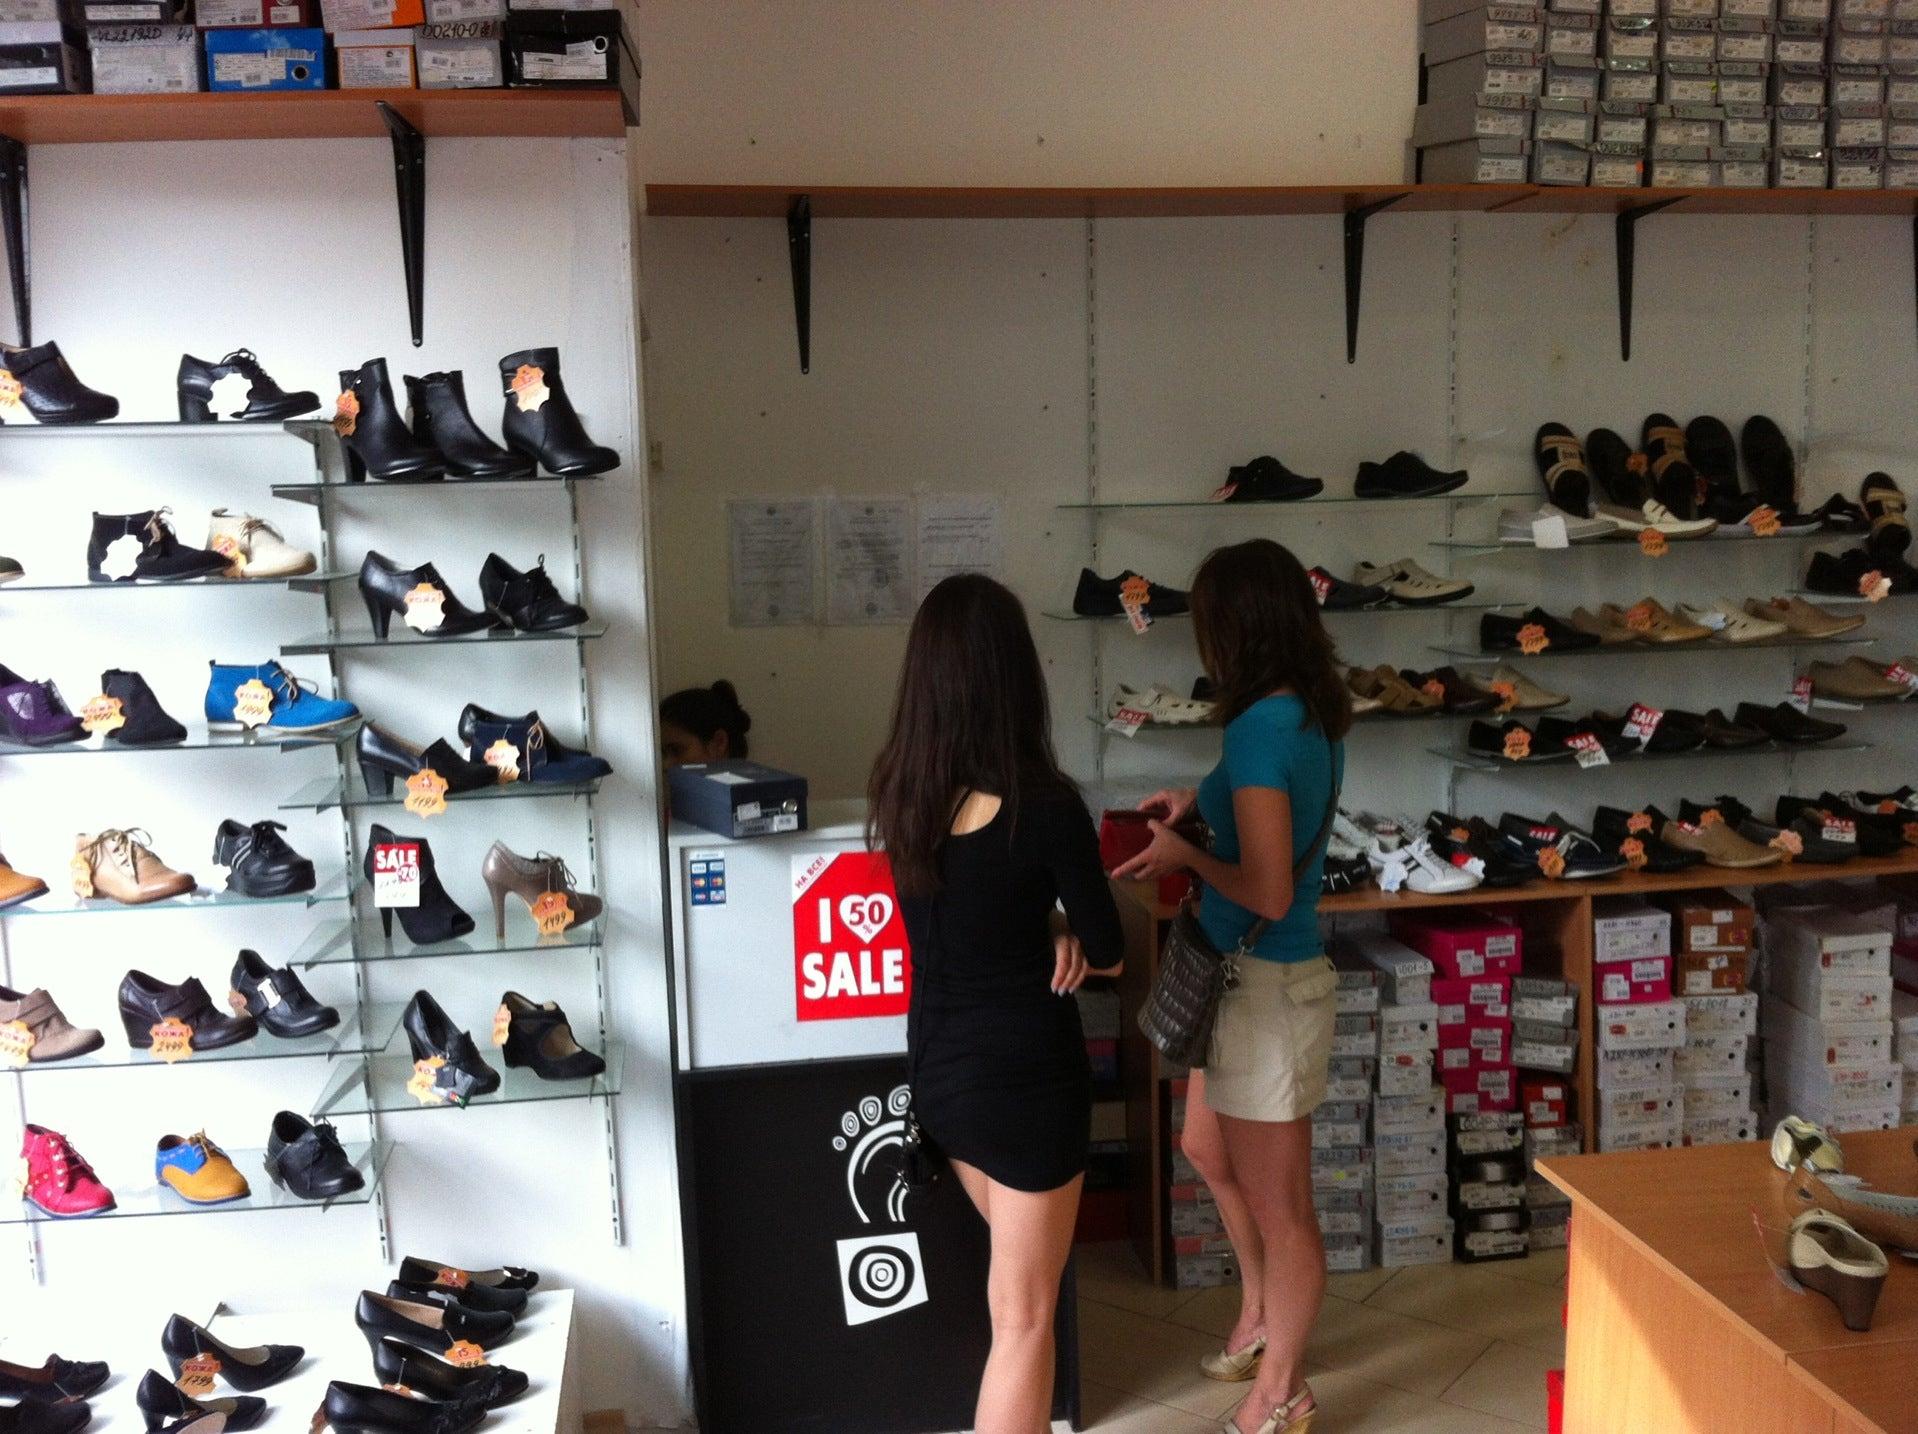 de5e615413e90c Море Обуви (ЗАКРЫТО), отзывы и фото магазинов обуви Санкт-Петербурга ...